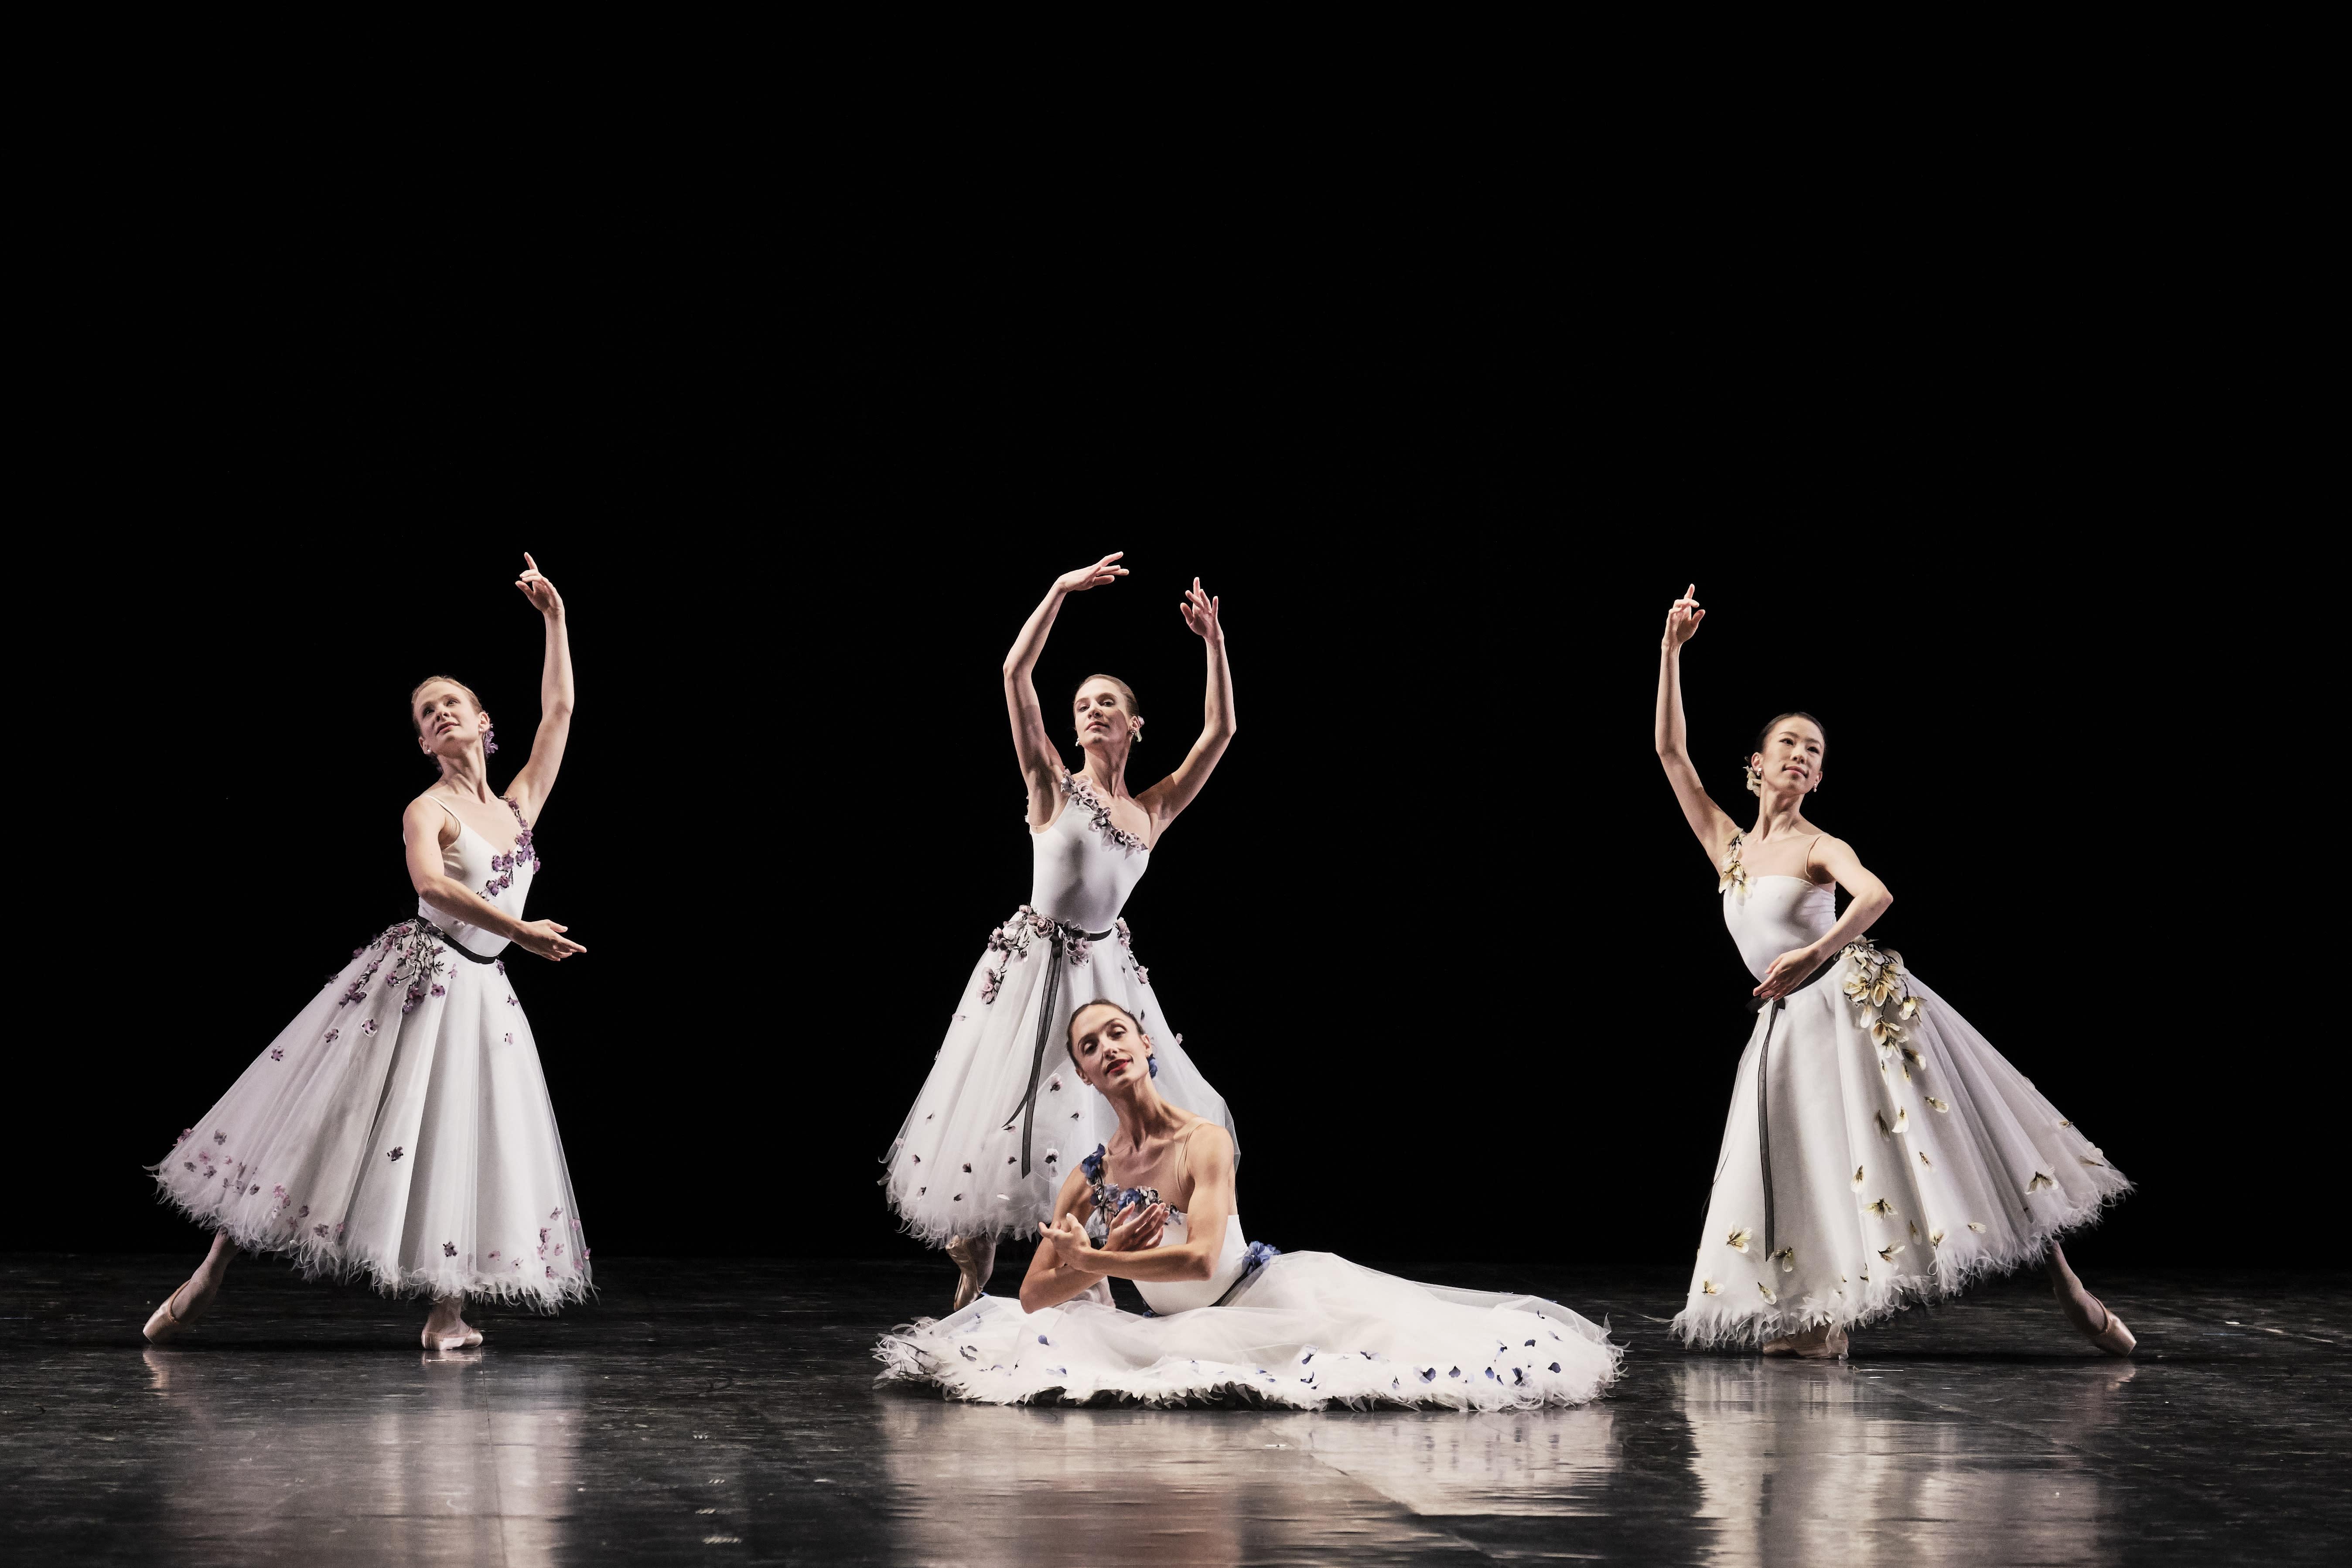 in vendita d7616 c6717 Chanel E La Danza Le Ballerine - CHANEL